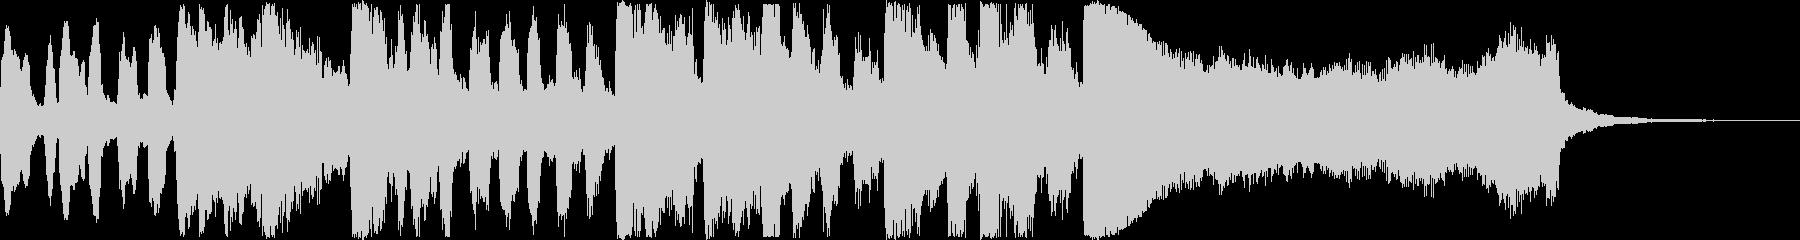 王道の明るいトランペット・ファンファーレの未再生の波形